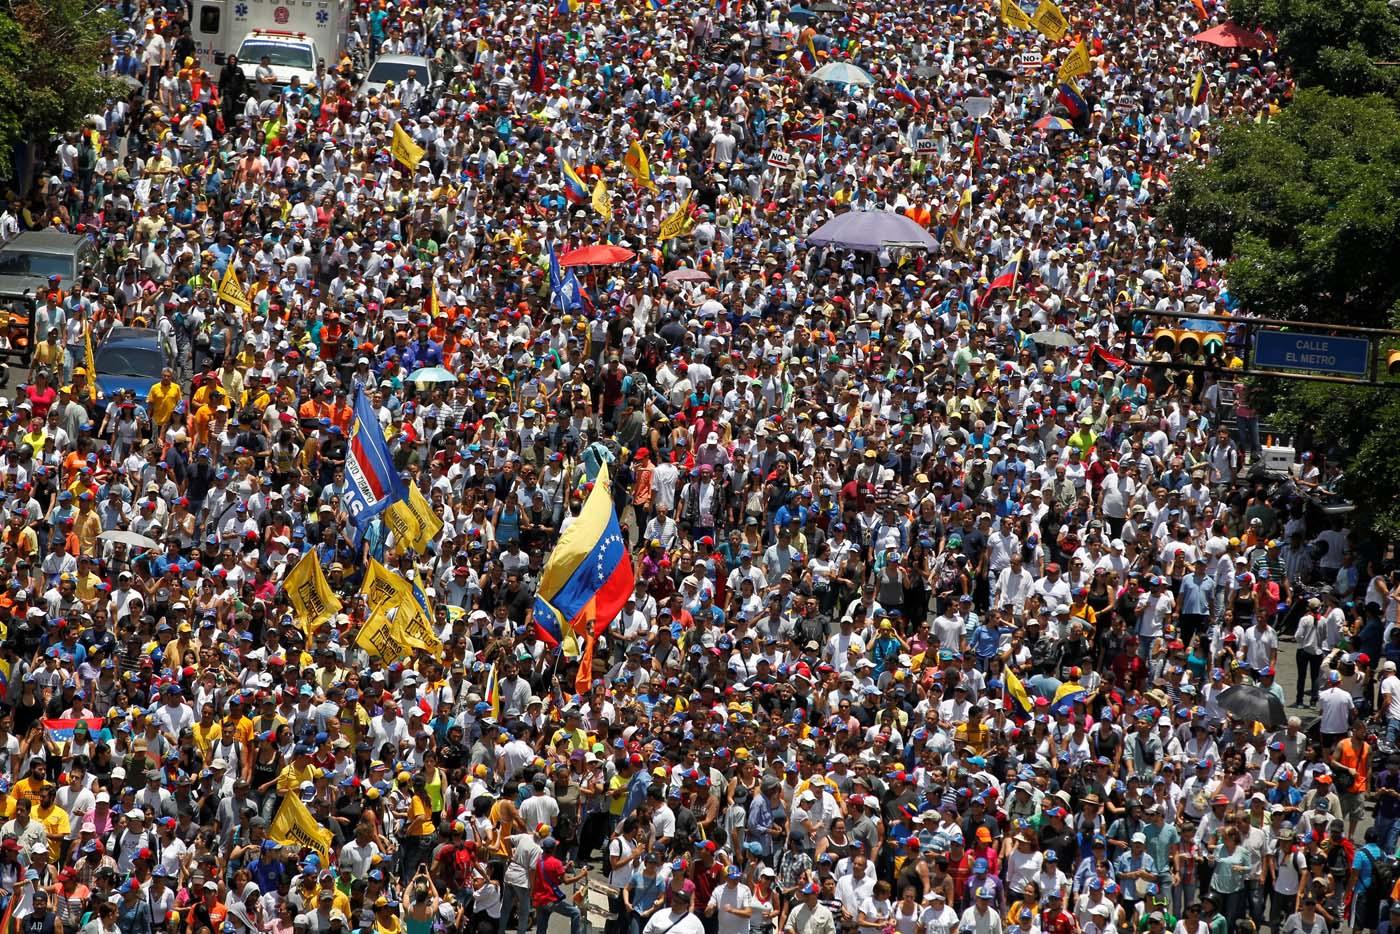 Murió un estudiante baleado durante una marcha opositora contra Maduro — Venezuela